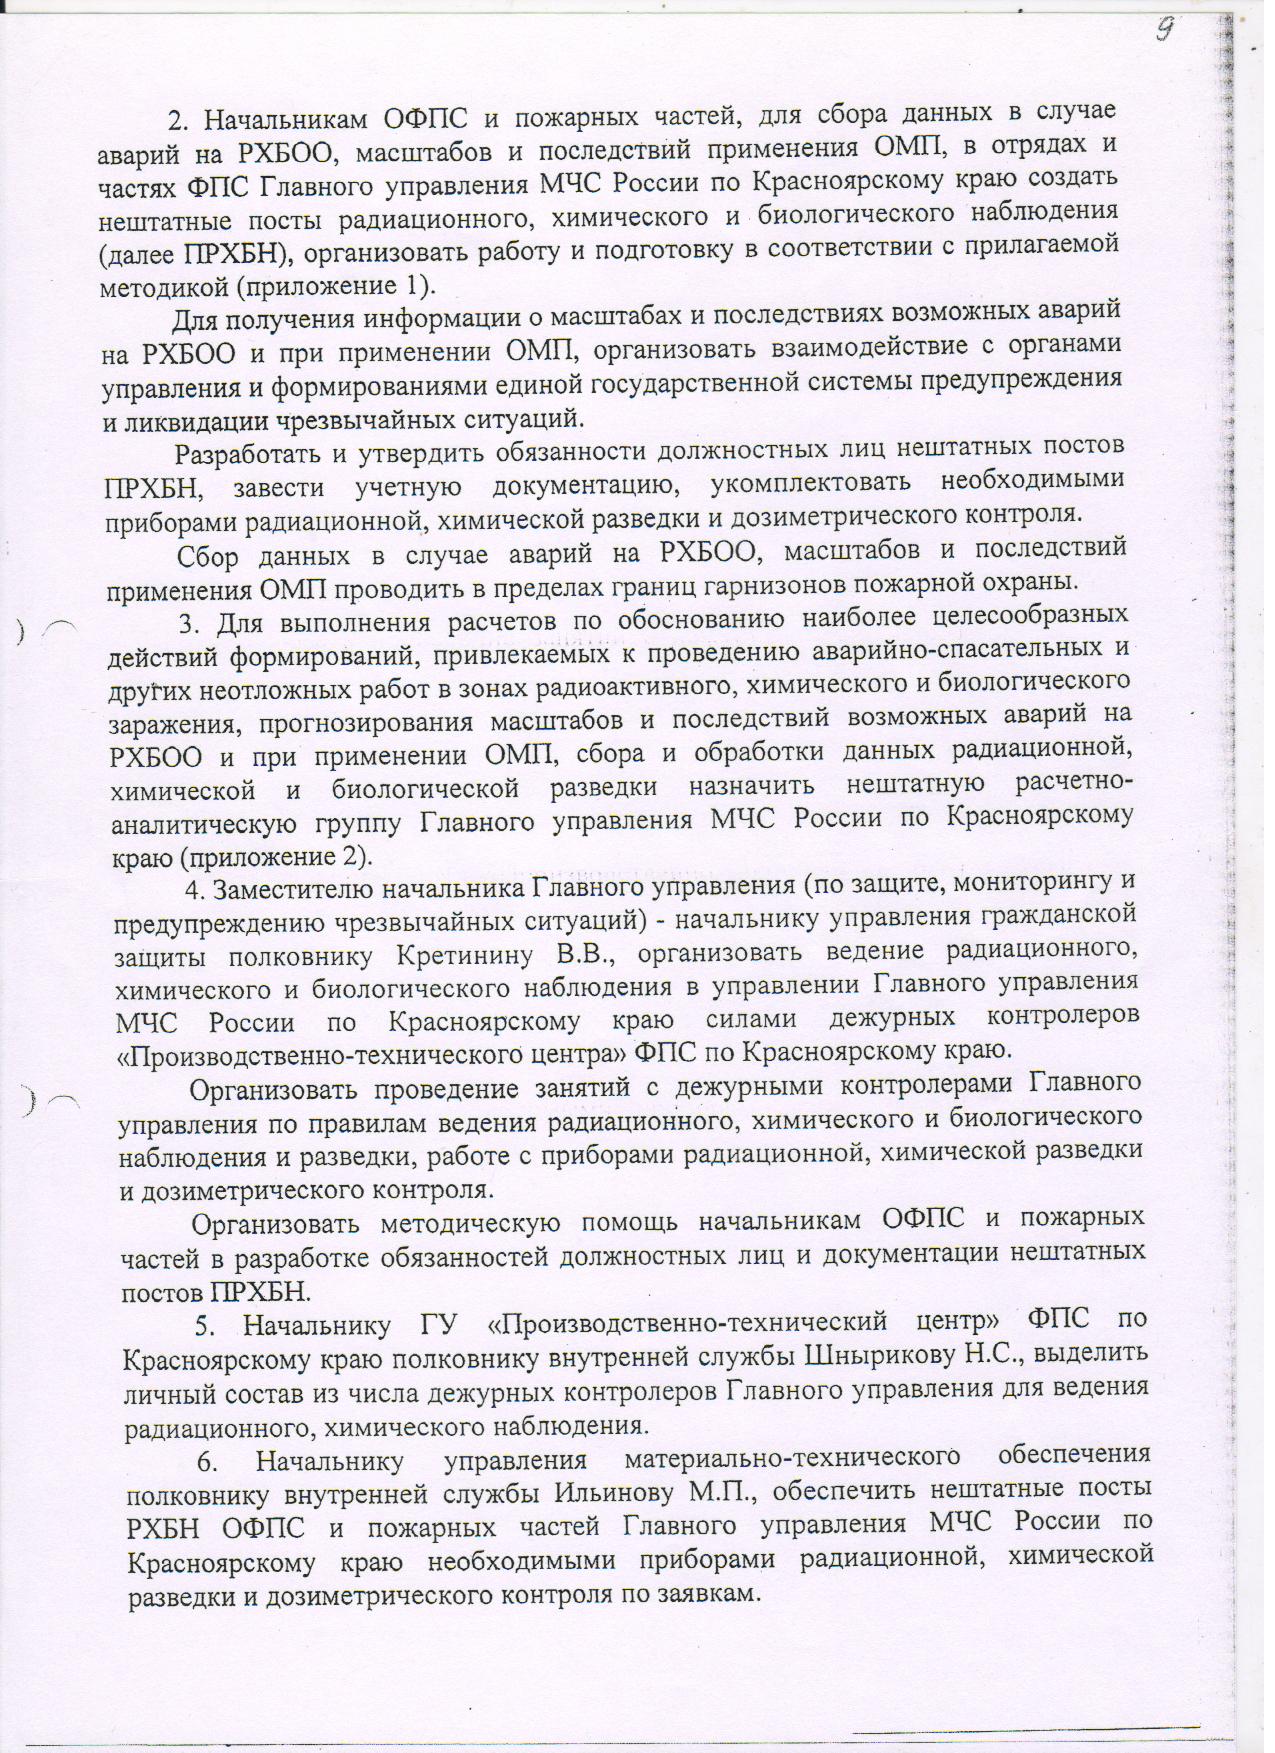 Приказ ГУ МЧС РФ по Красноярскому краю от 20.01.2011 №31 (2)